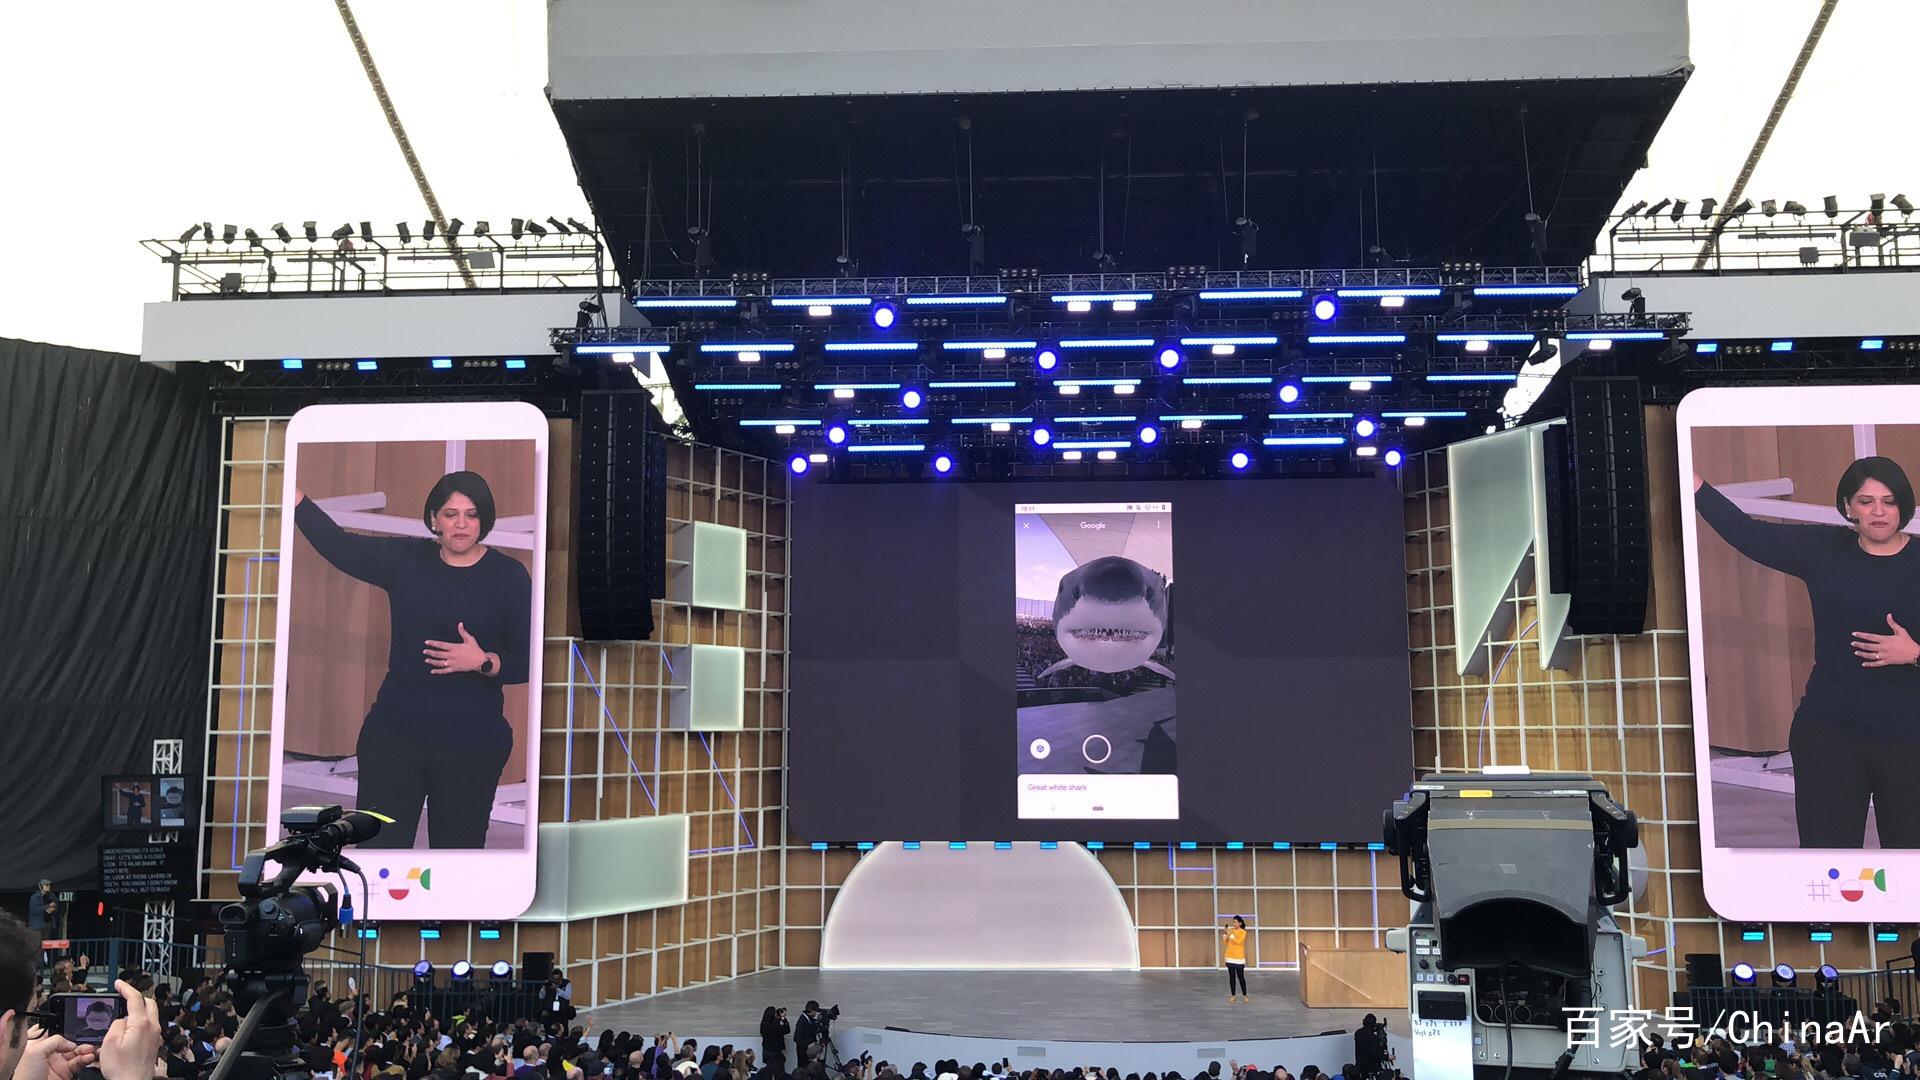 2019年Google IO宣布将AR加入搜索引擎 AR资讯